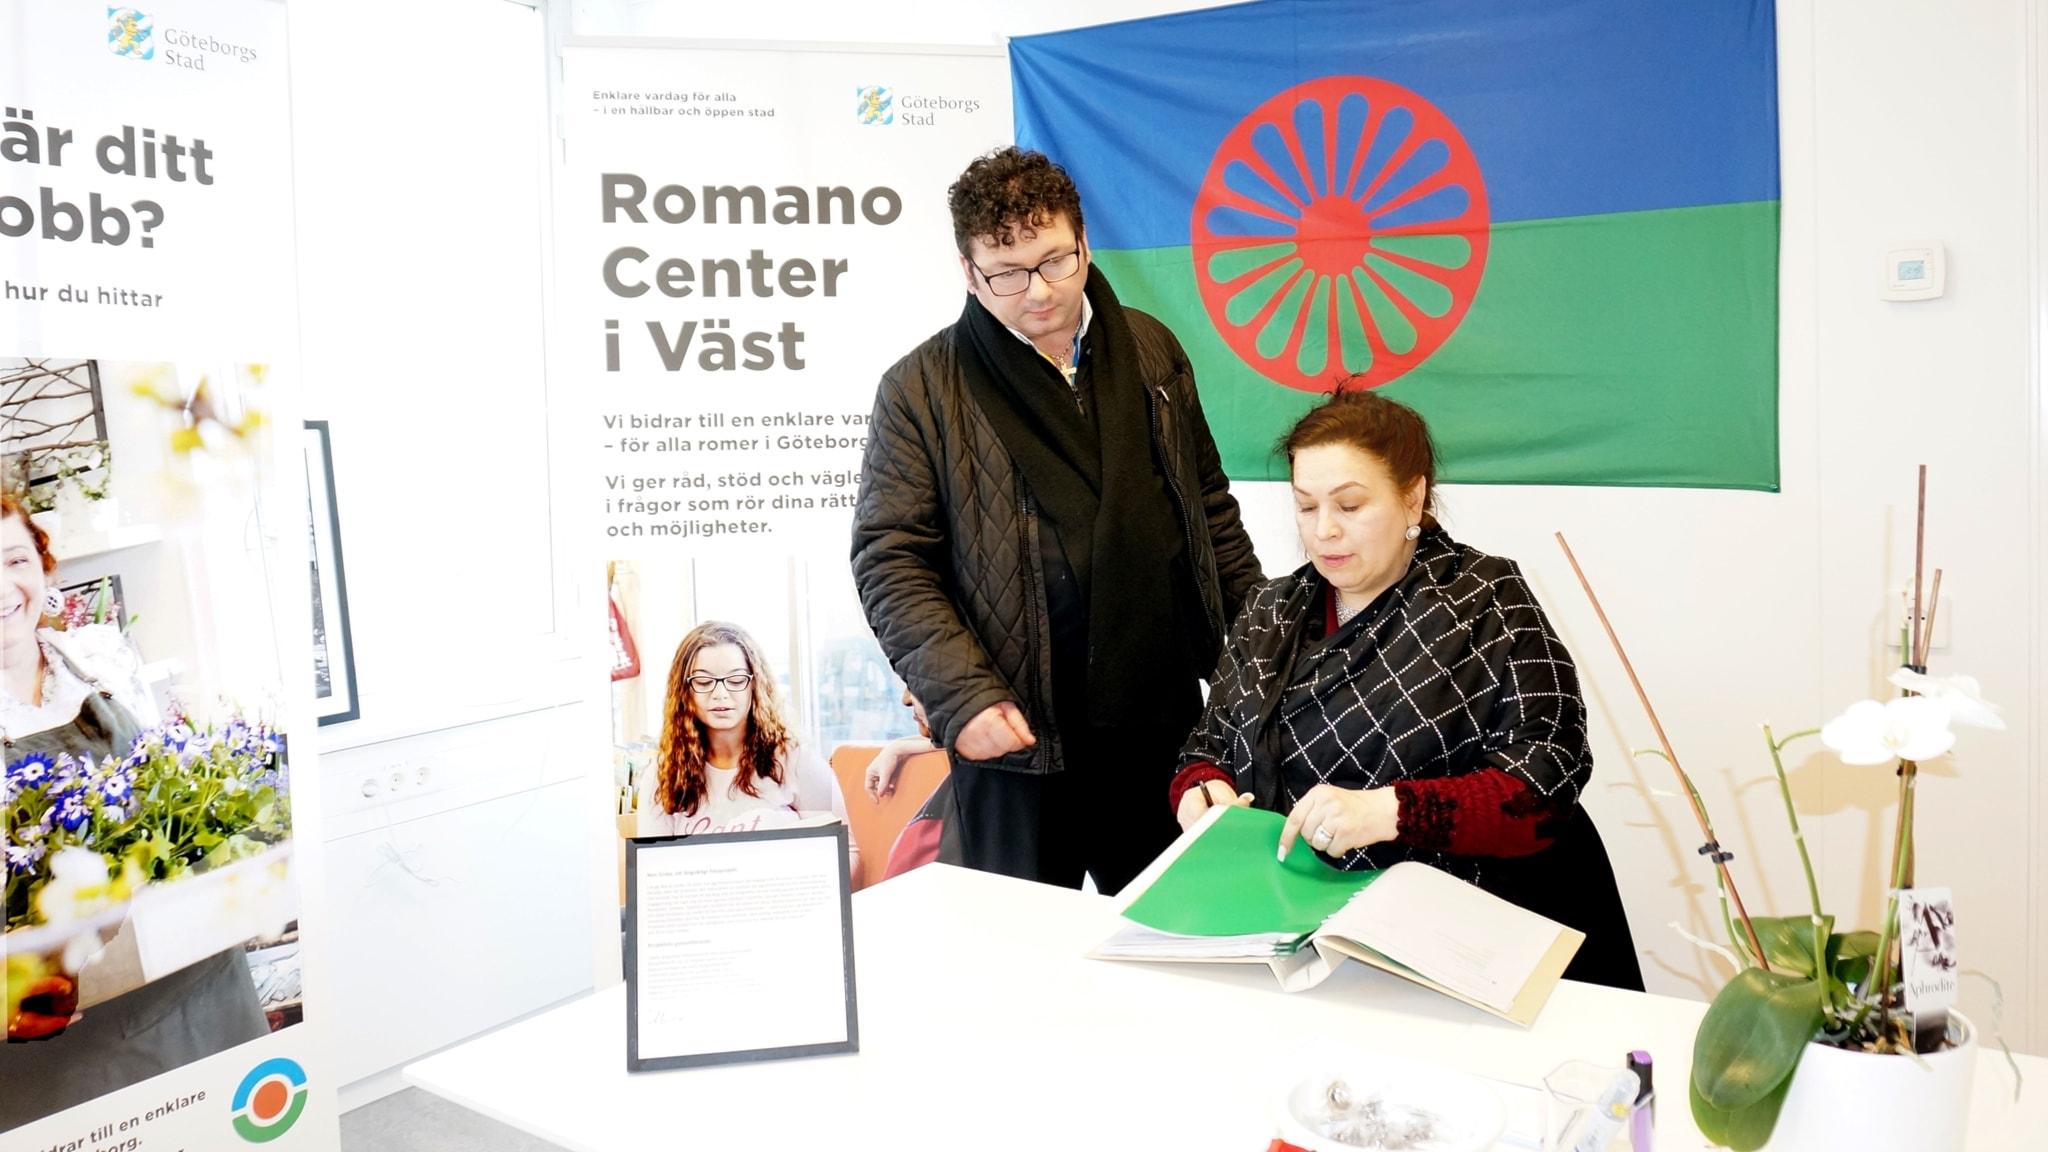 Suomen romanien arkipäivä Ruotsissa 6: Paljon on tapahtunut 20 vuodessa